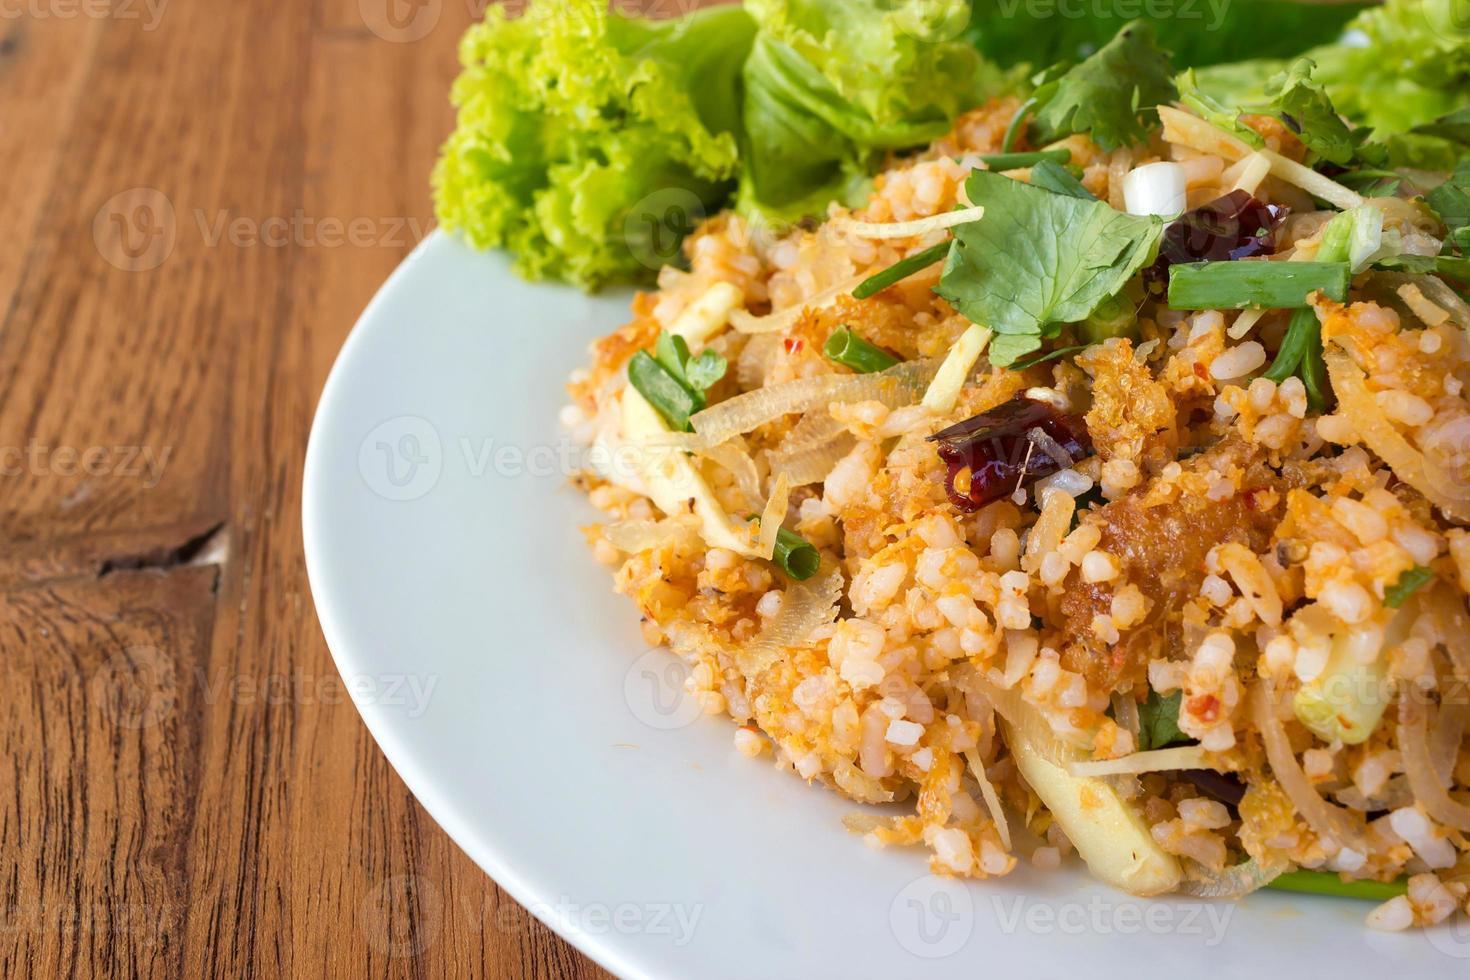 tempere arroz frito com carne de porco. comida tradicional da Tailândia. foto